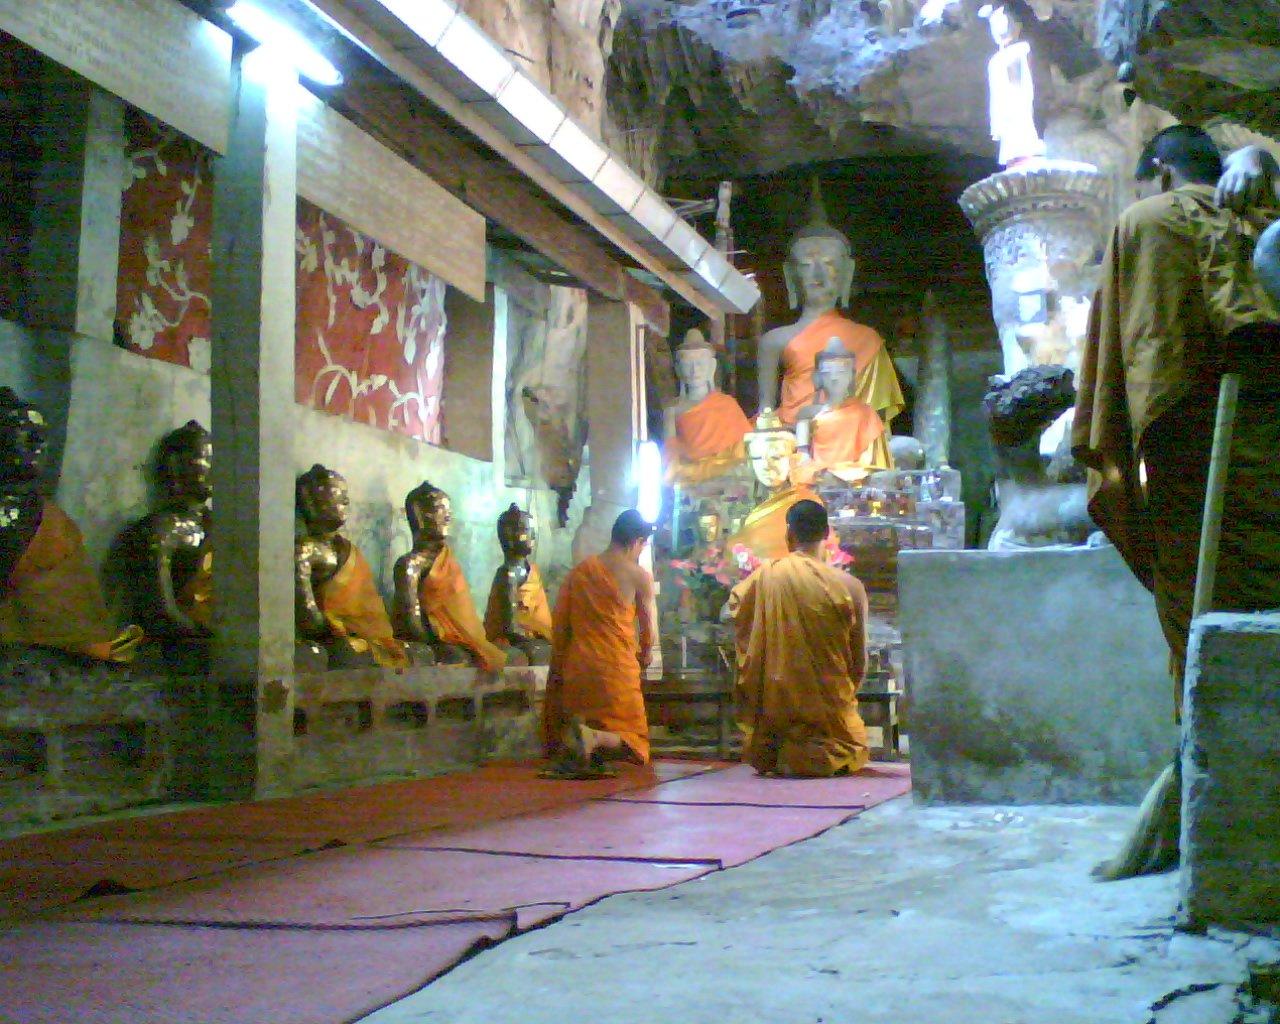 Images de Bienêtre - Page 4 Voyages-interieur-temple-bouddhiste-big